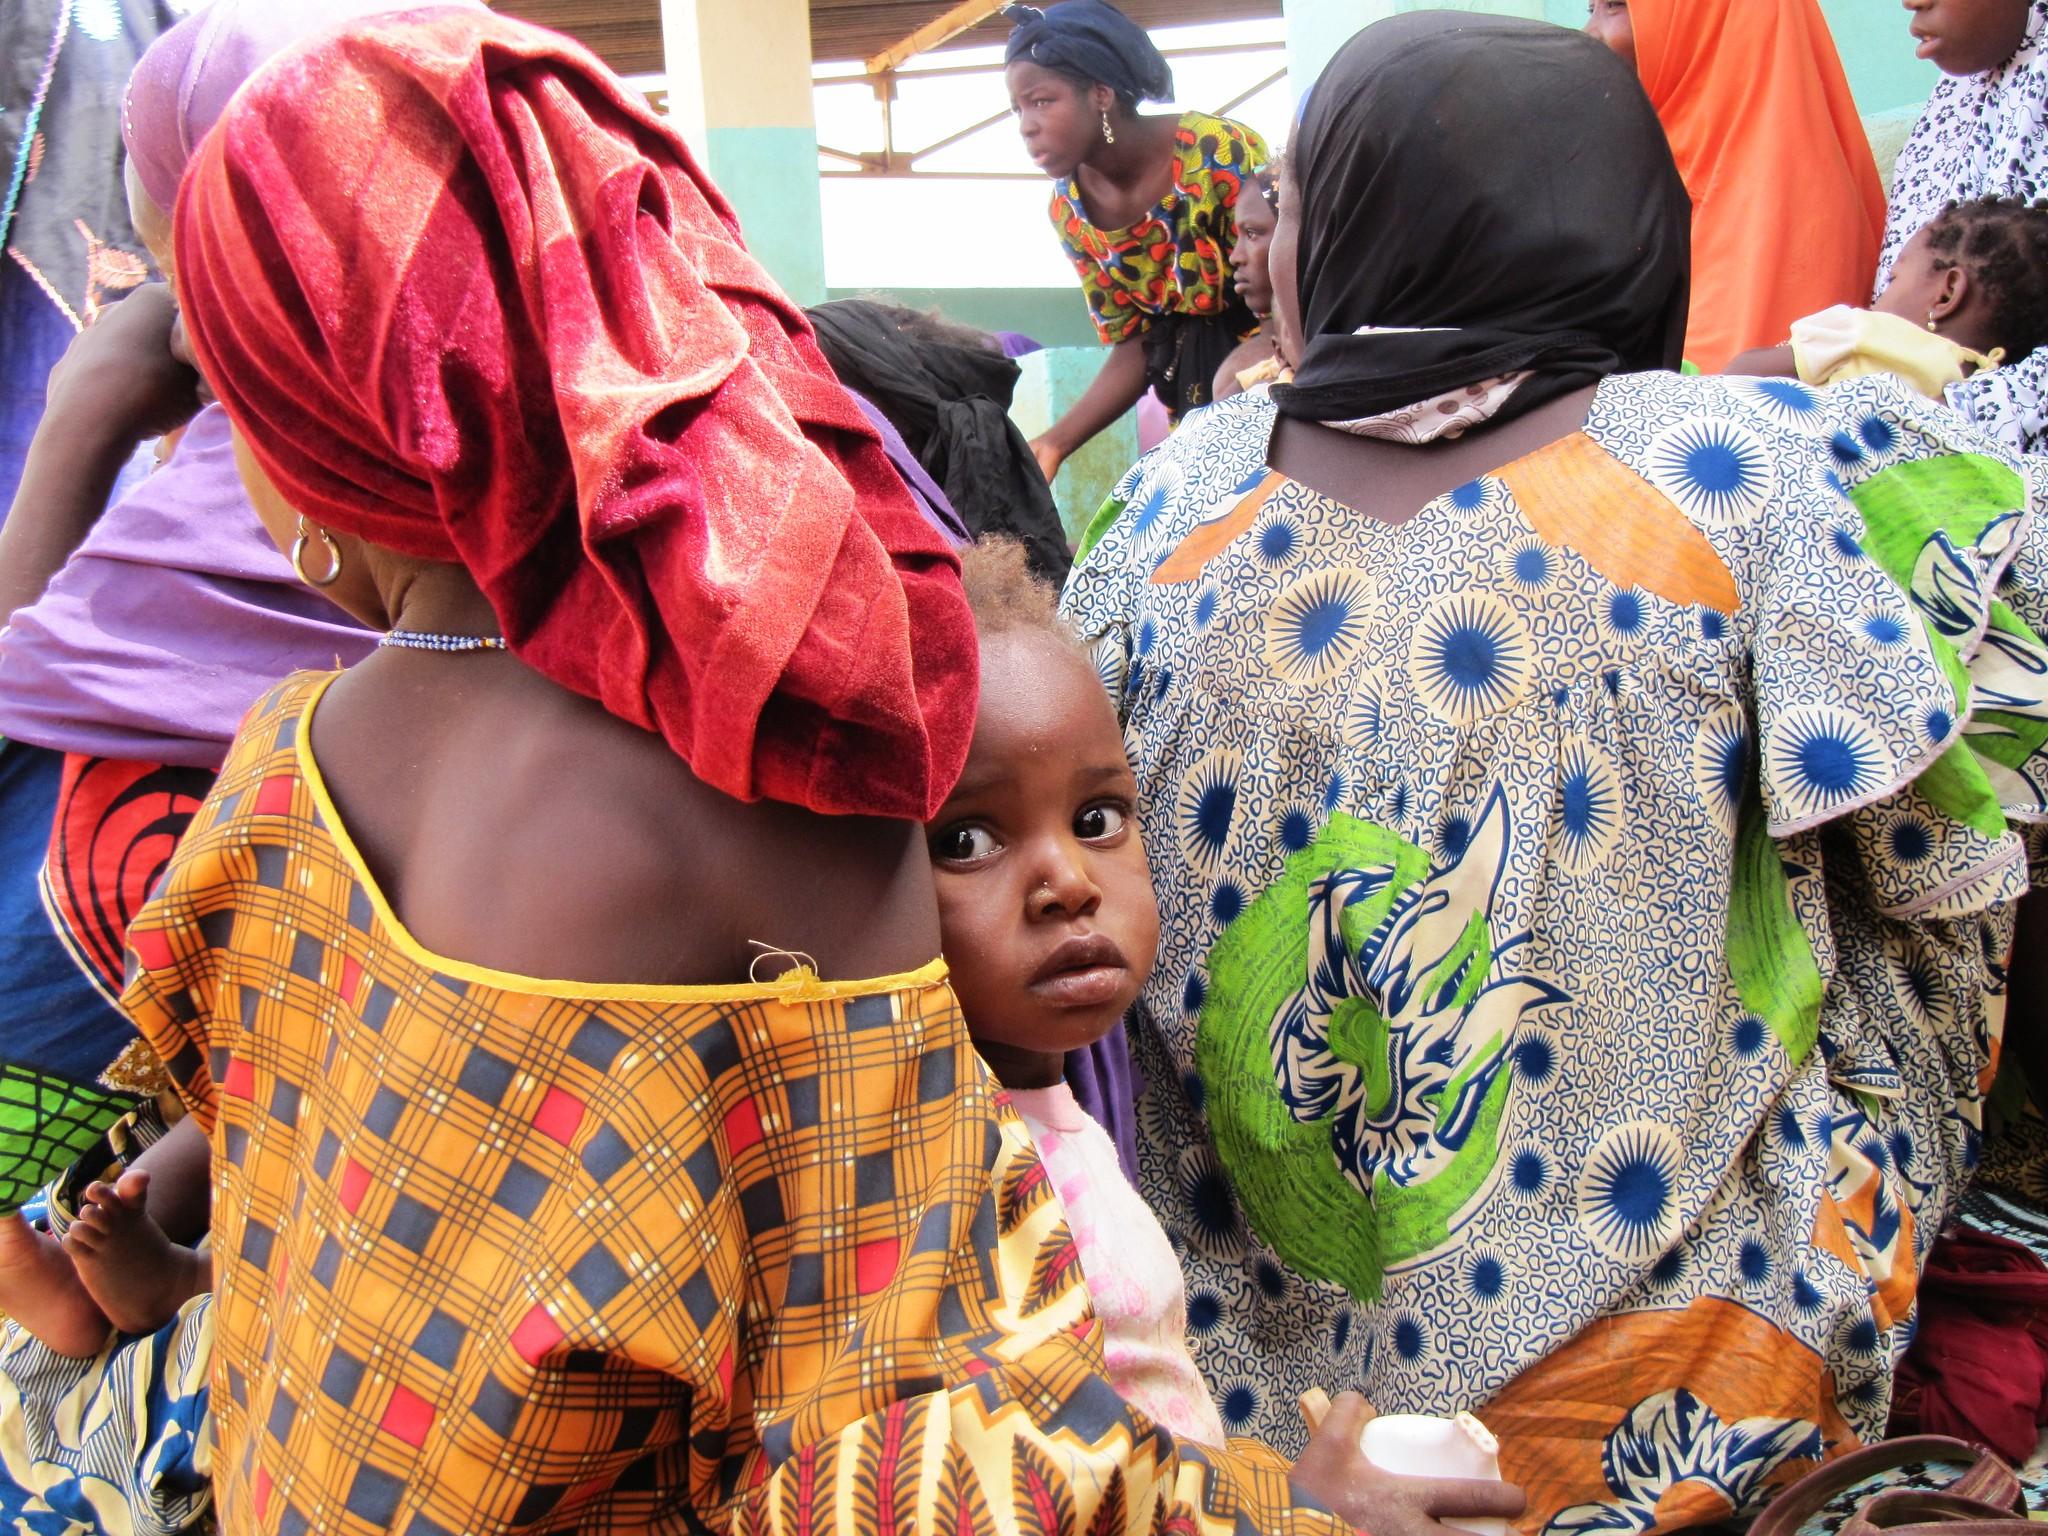 尼日尔,母亲带着孩子参加营养监测项目活动